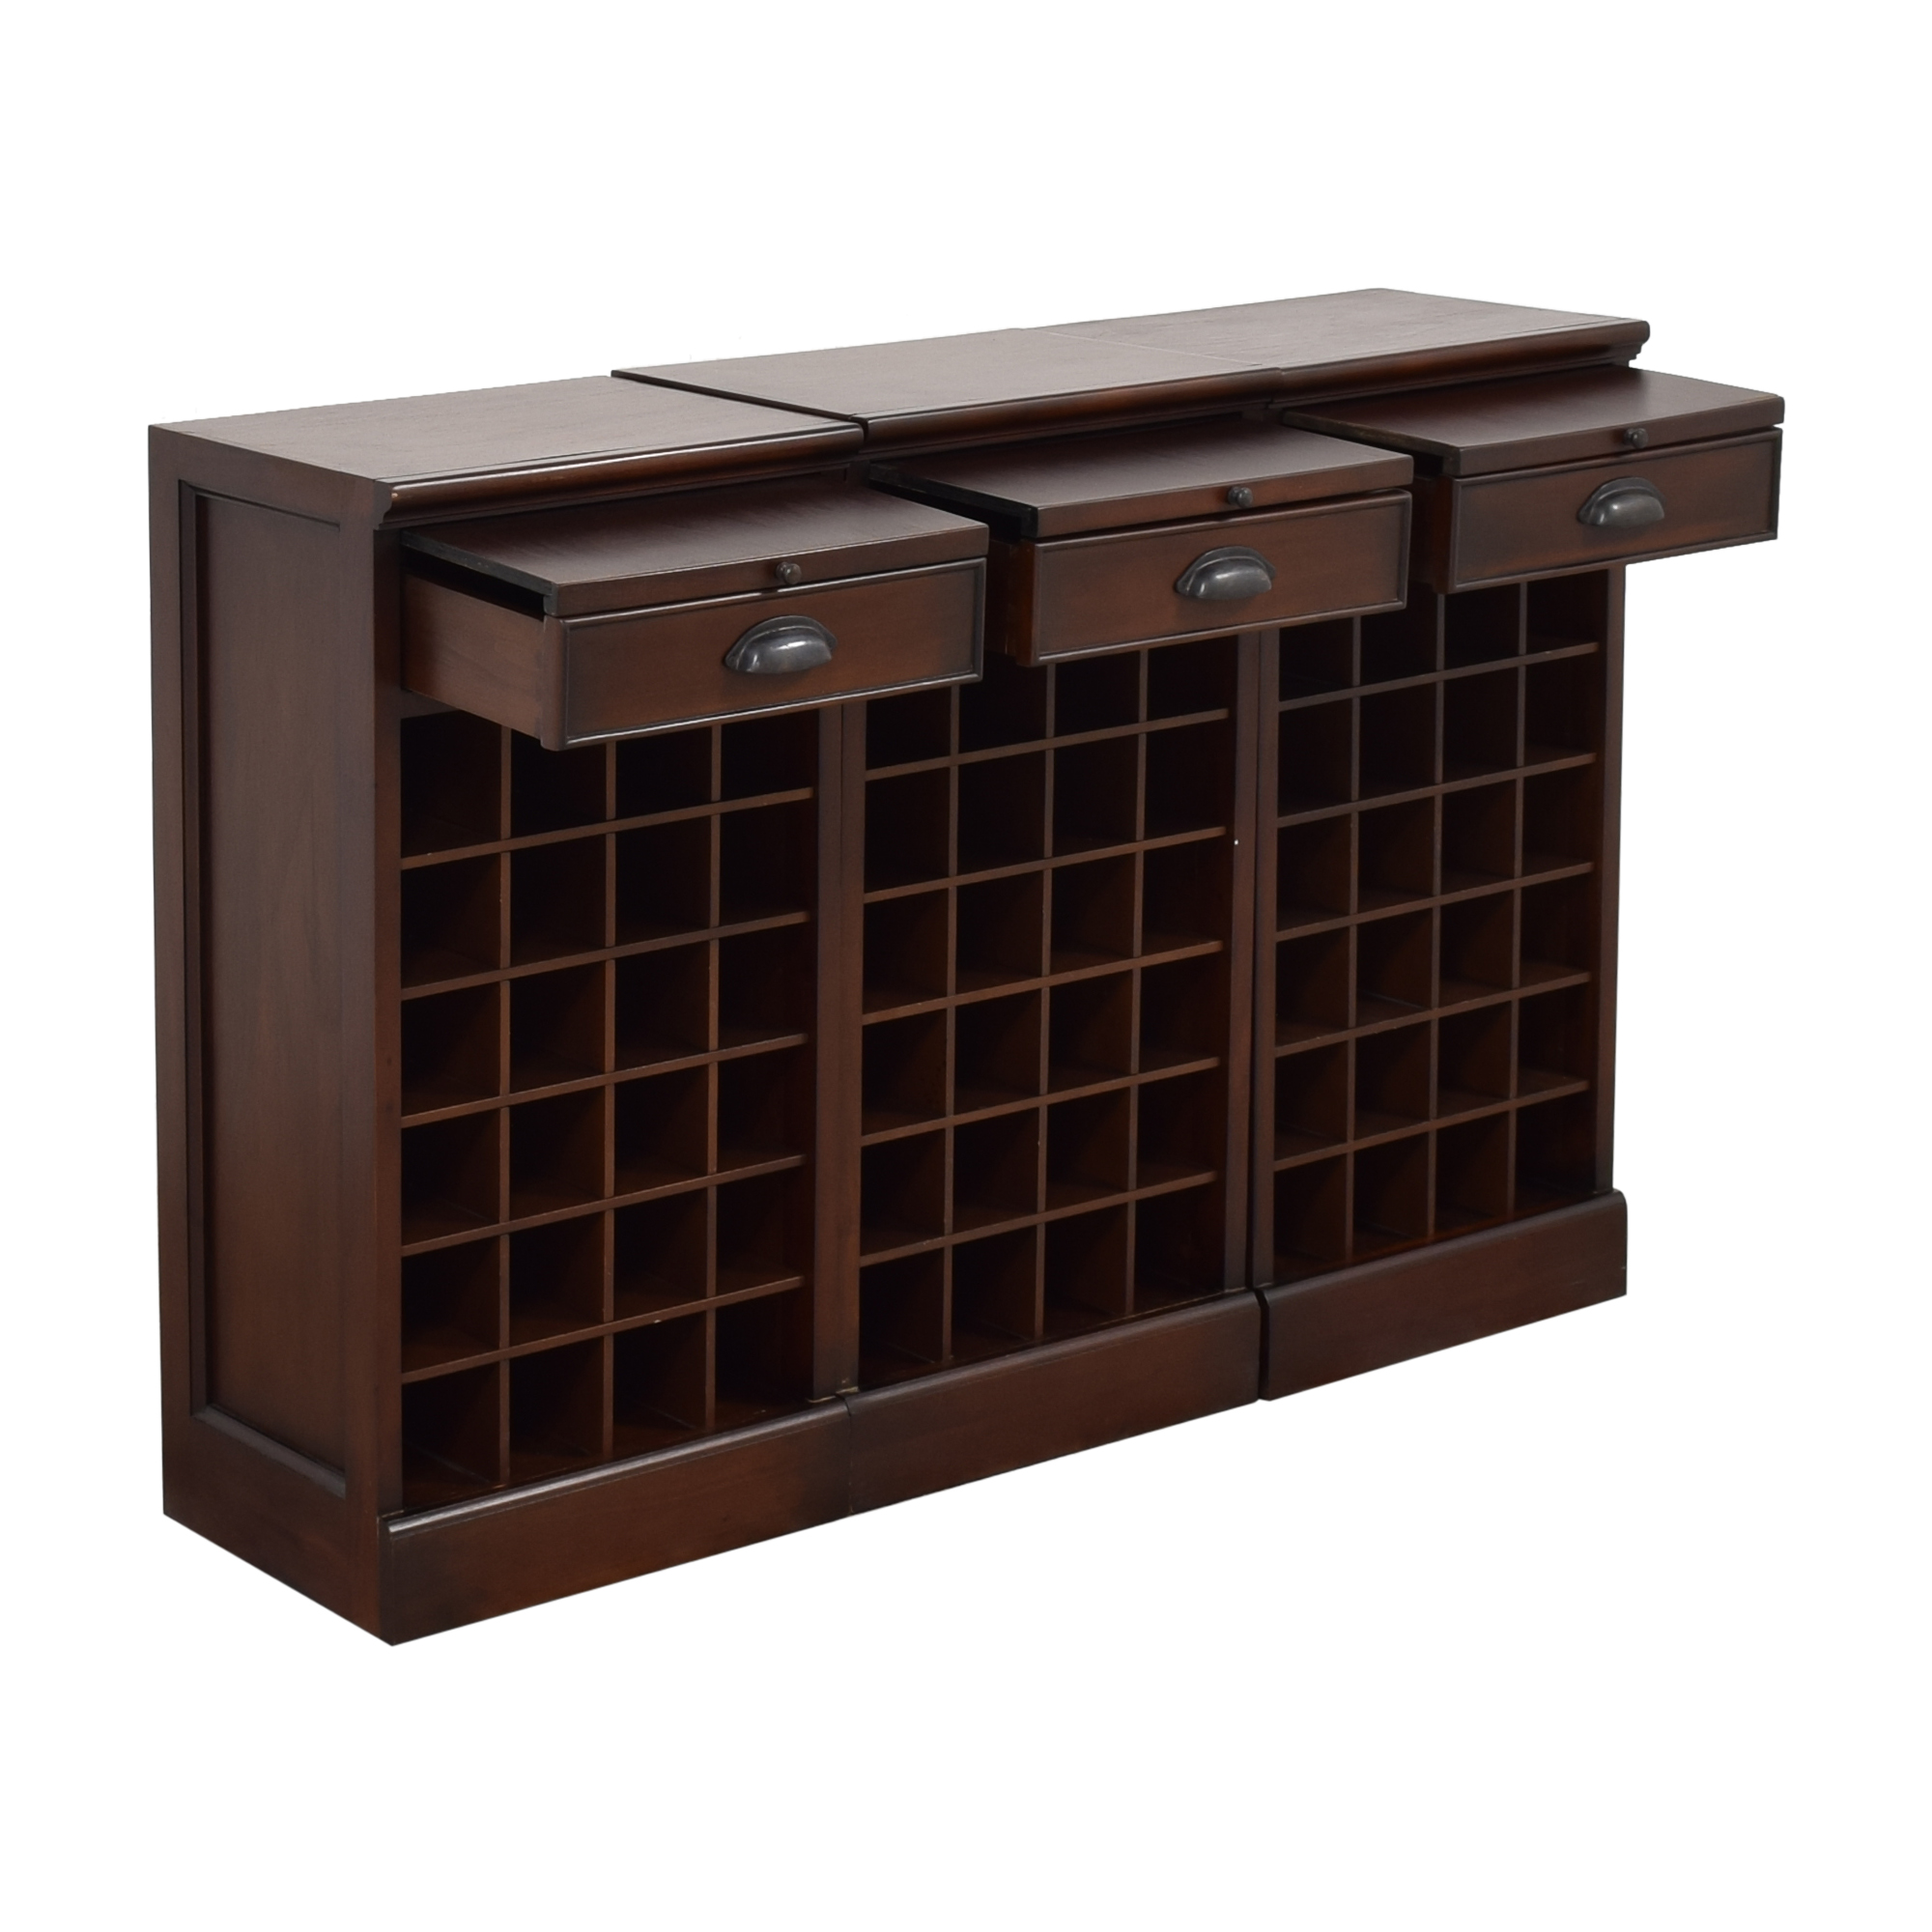 Pottery Barn Pottery Barn Modular Bar Wine Cabinet on sale